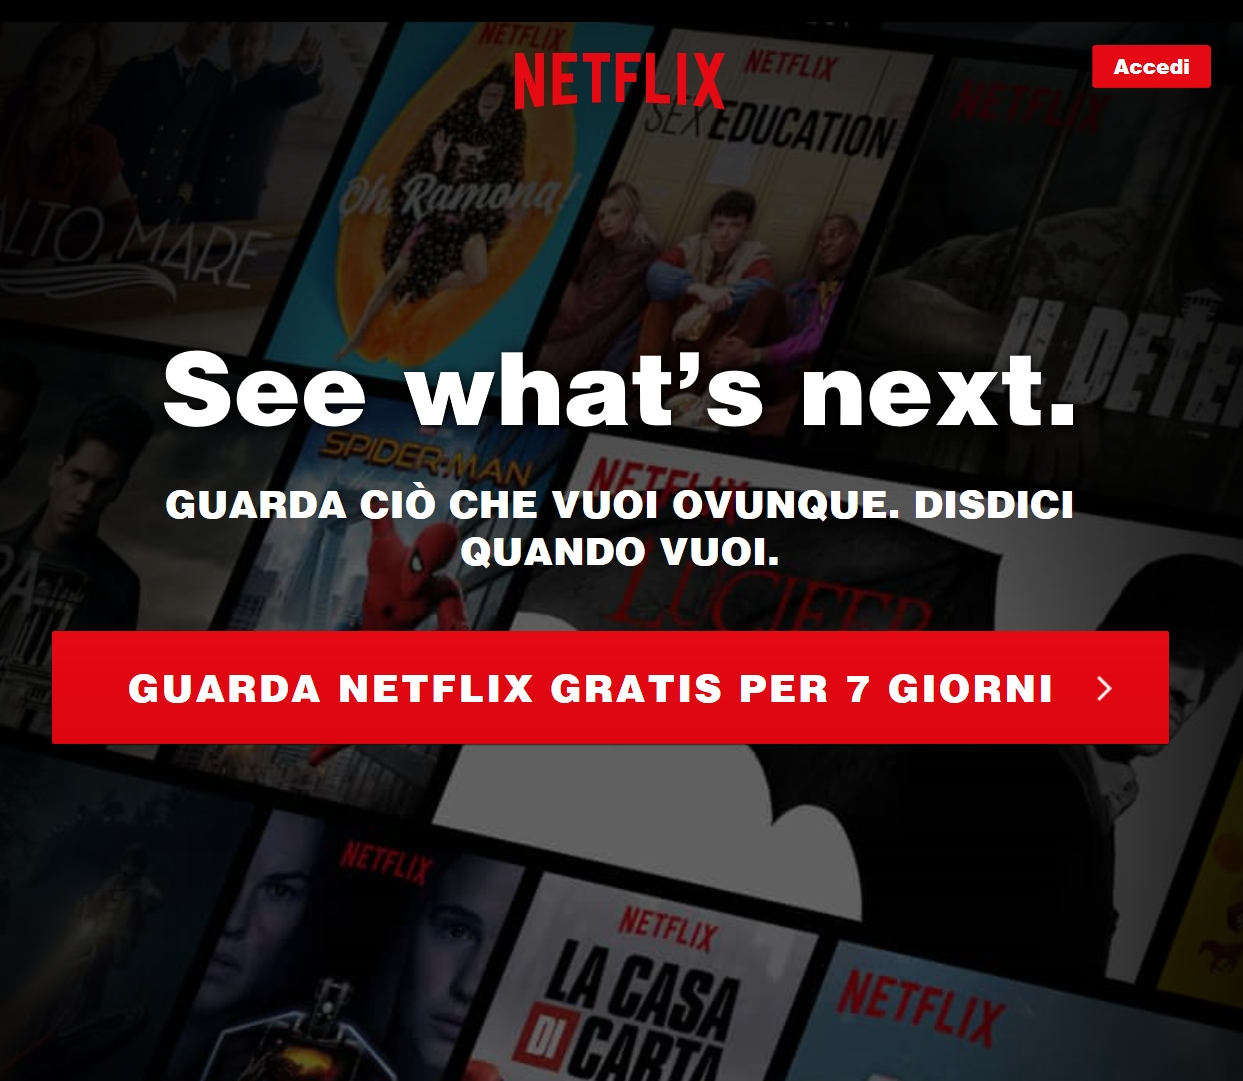 """701ca8ffaf Aprendo Netflix su Edge siamo stati accolti da un nuovo pulsante riportante  la dicitura """"Guarda Netflix Gratis per 7 giorni""""."""